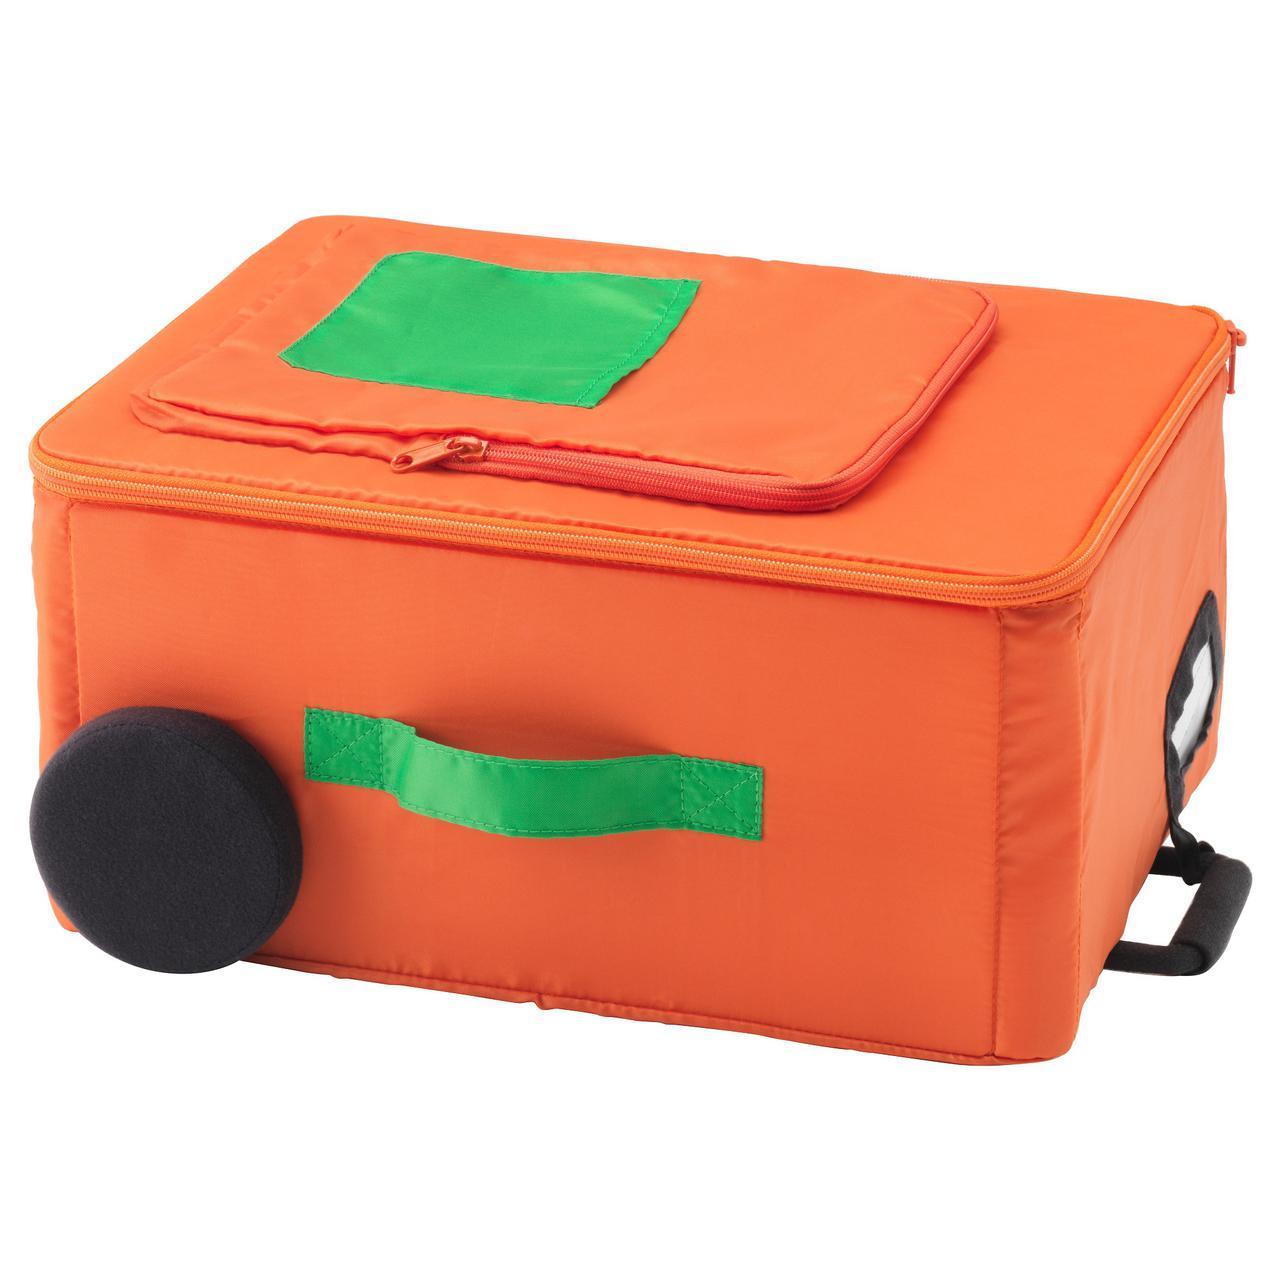 Ящик для игрушек FLYTTBAR 30x20x40 см